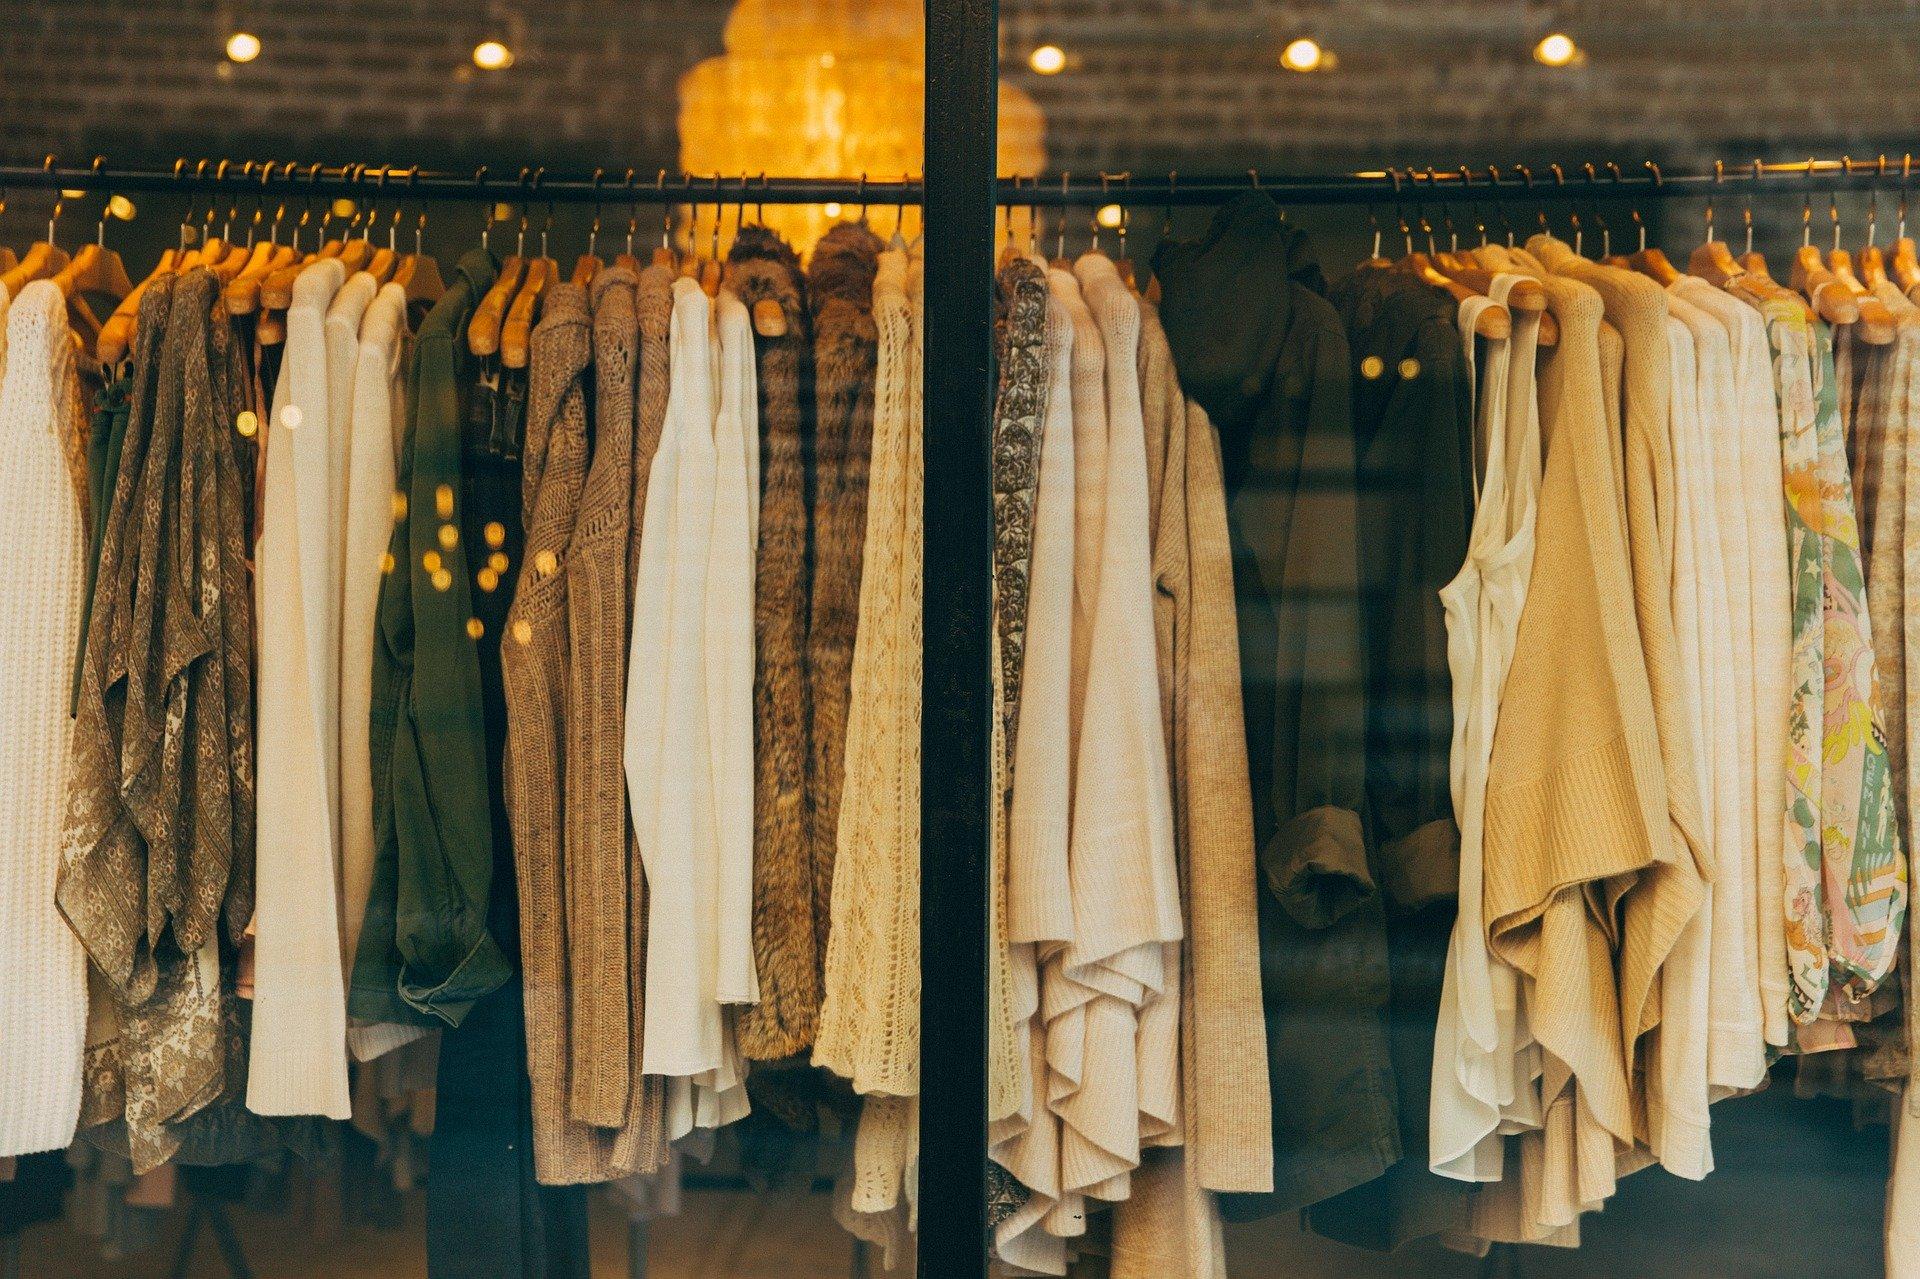 Na imagem há uma vitrine com casacos em cabides em uma arara. As estampas dos casacos são de cores diferentes e com diferentes formas